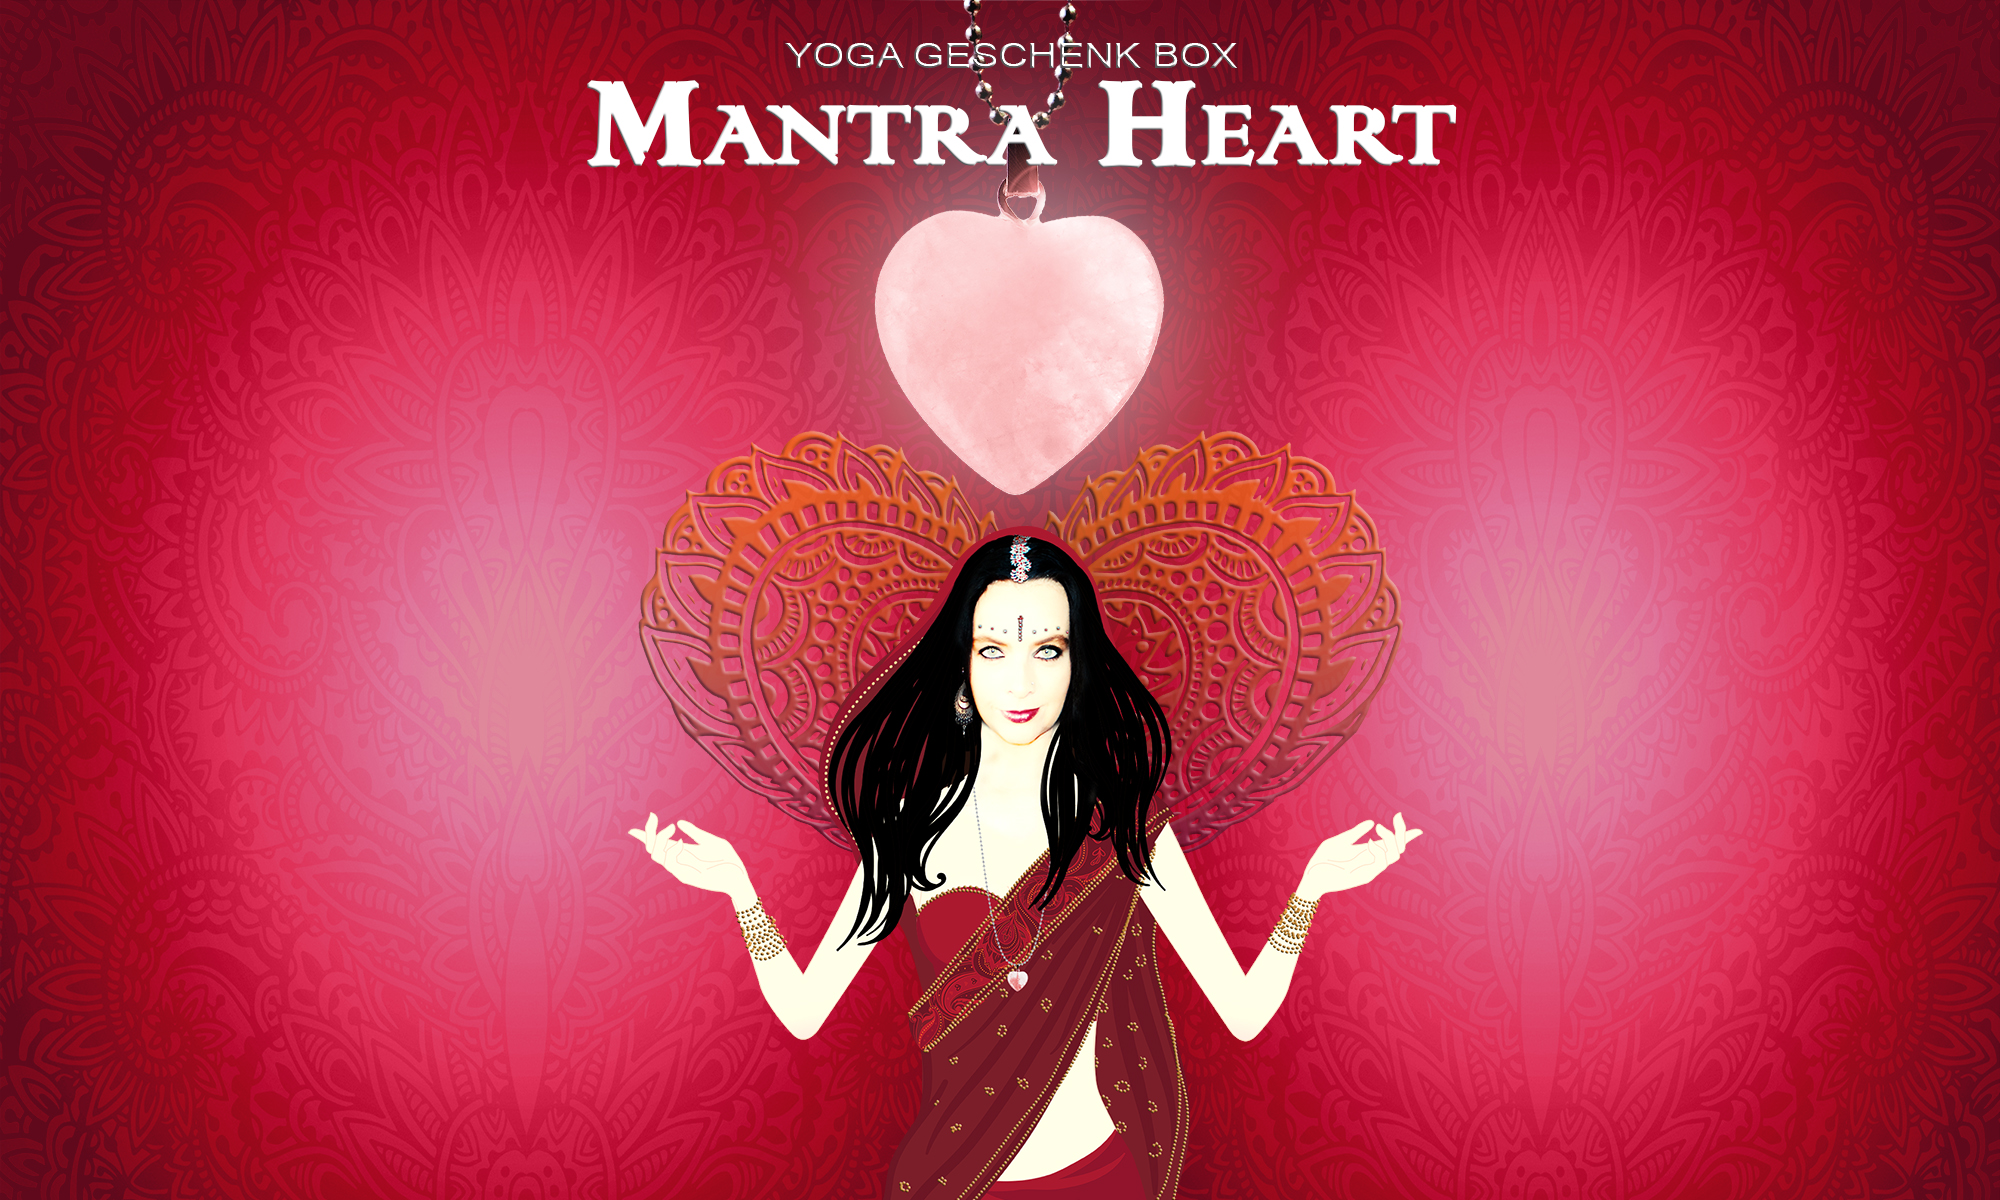 Mantra Heart Yoga Geschenk Box